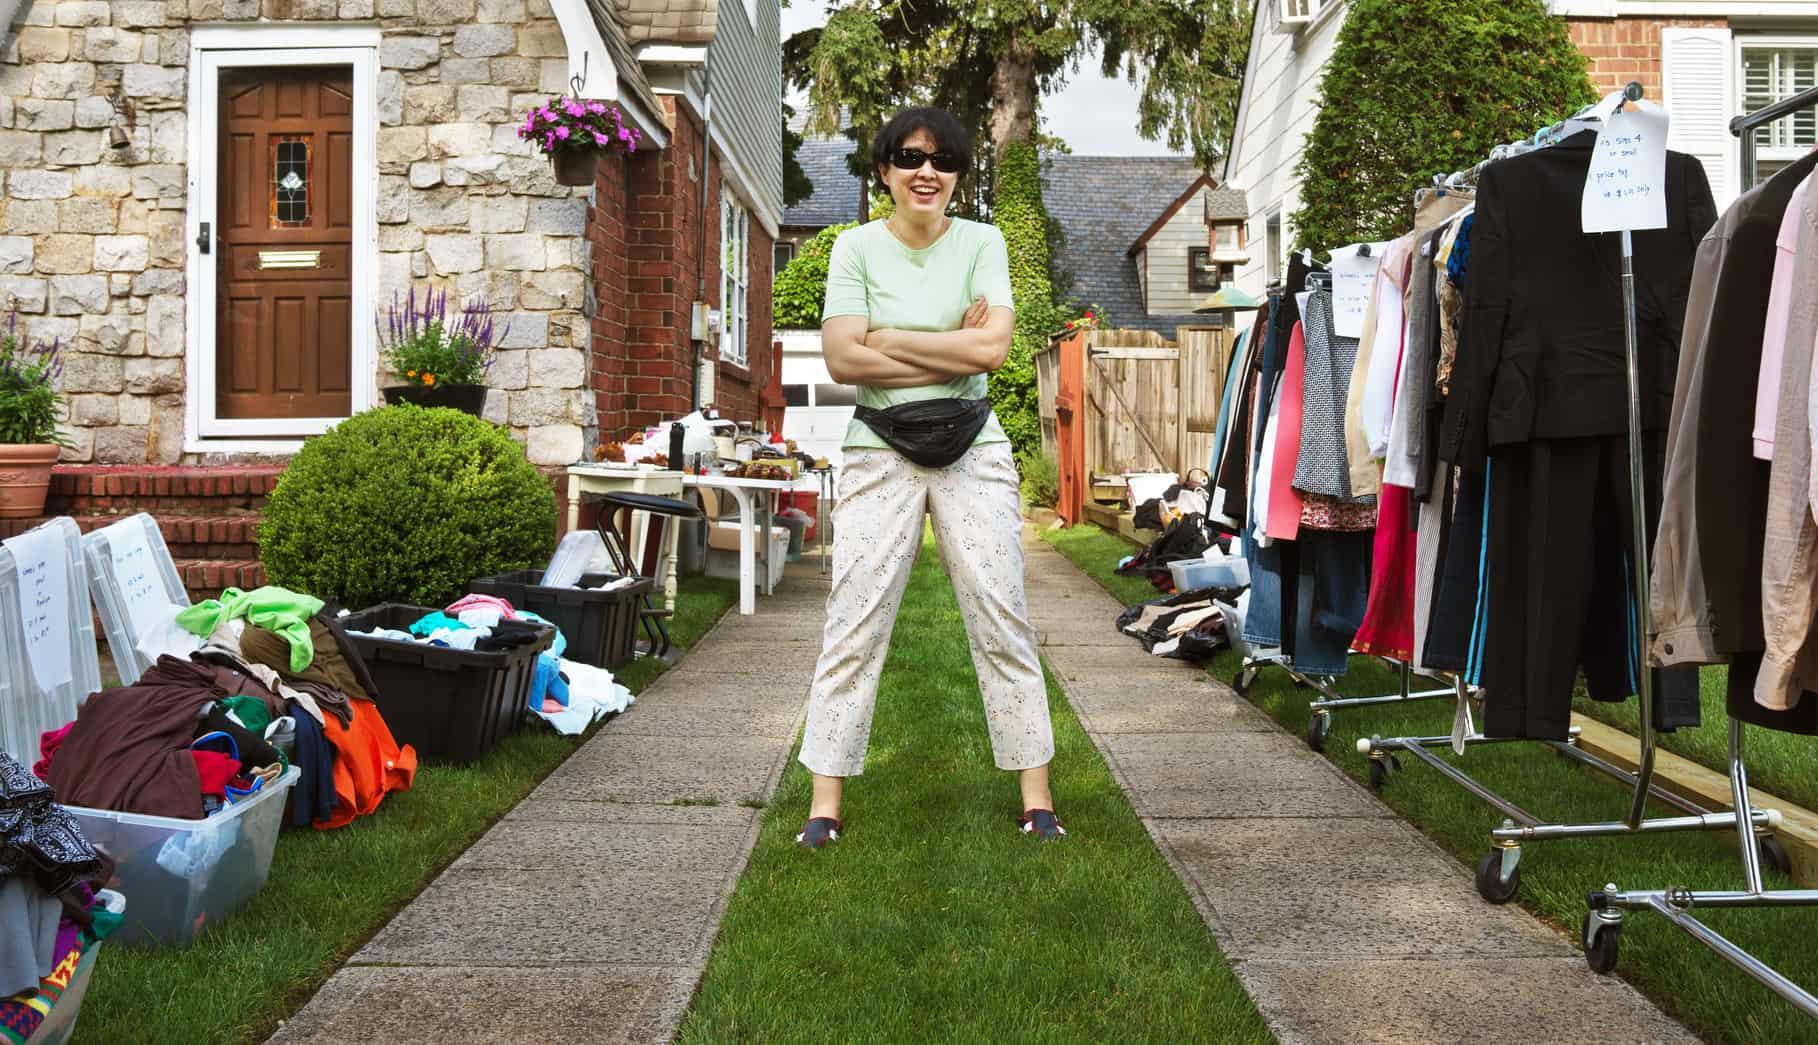 yard sale lady